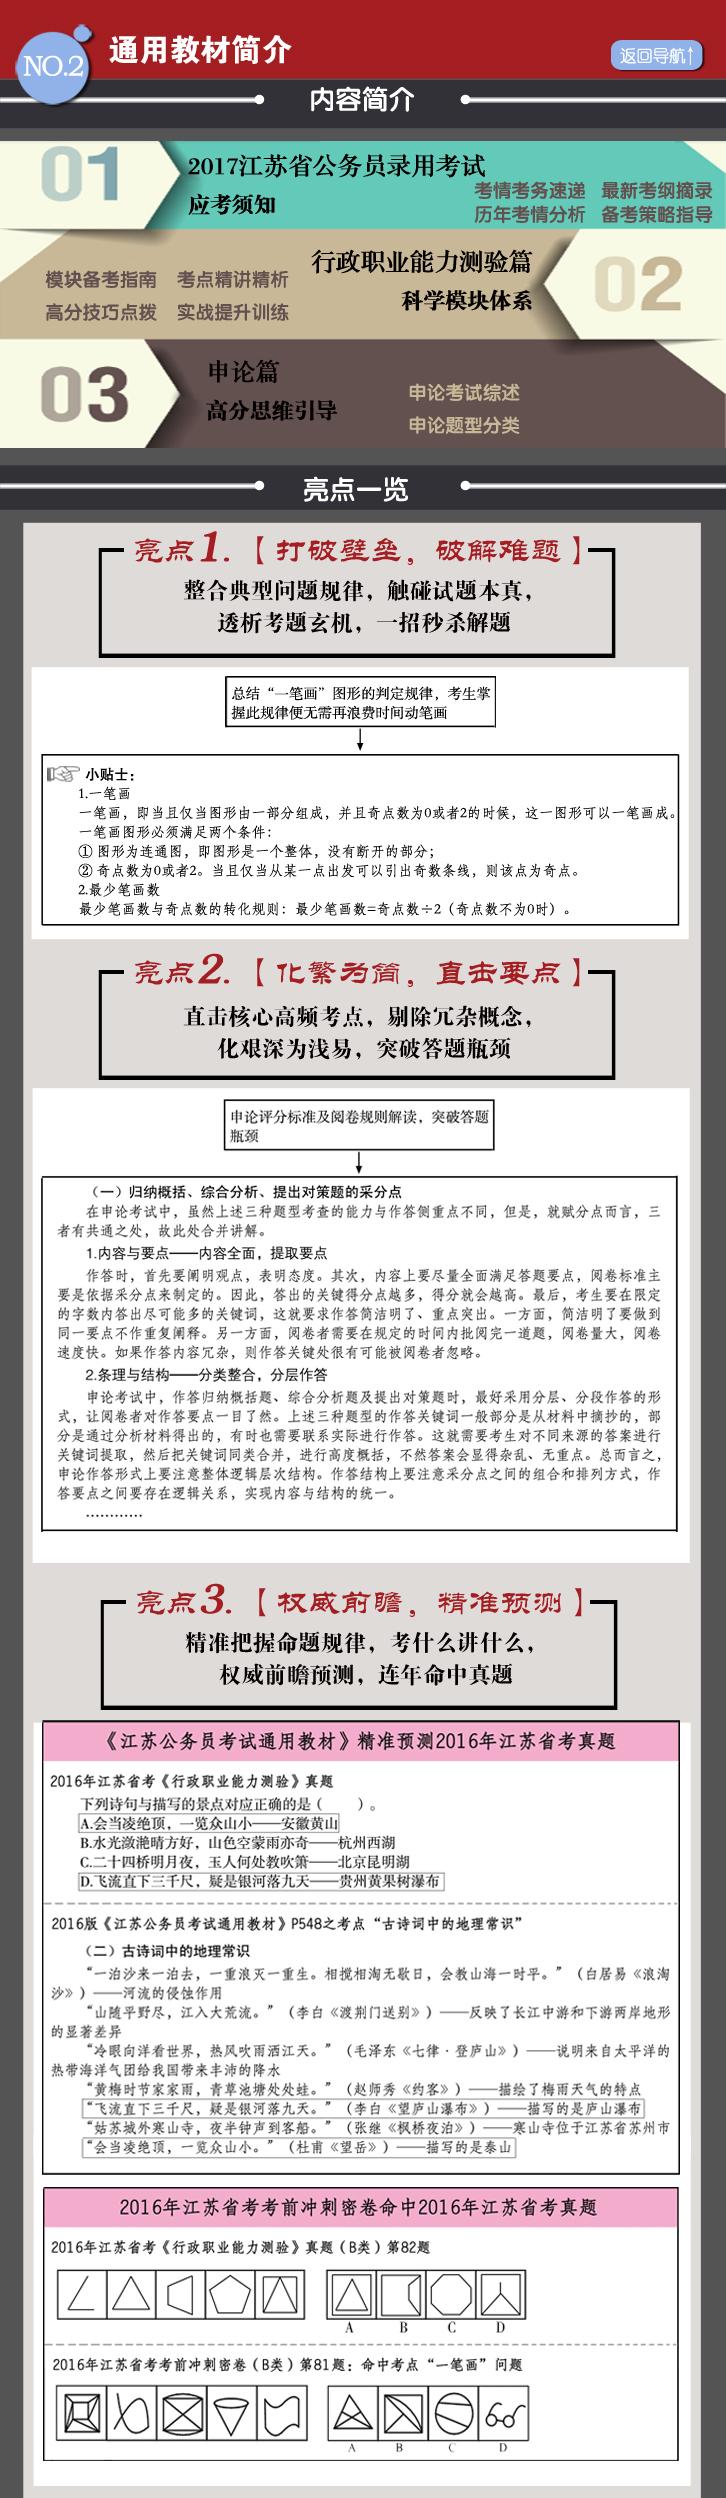 2017年江苏公务员考试通用教材组合用书